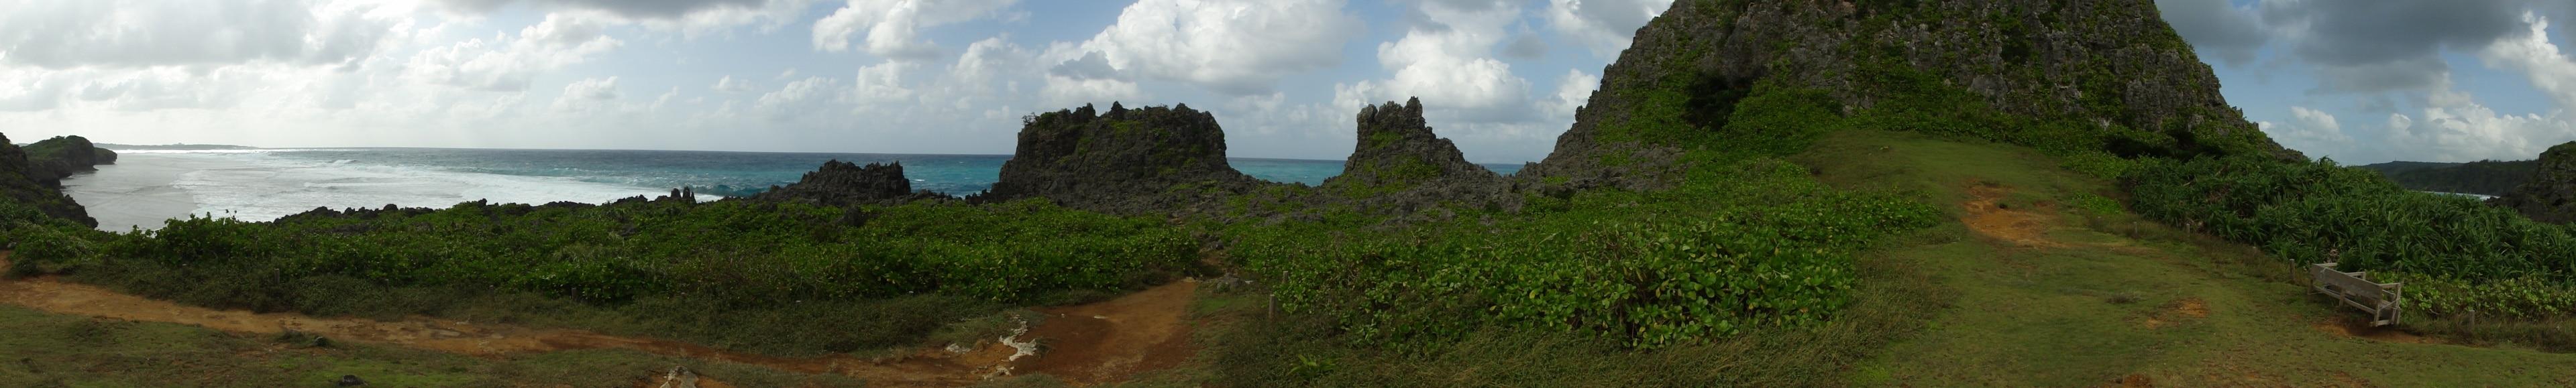 Maeda, Onna, Okinawa Prefecture, Japan